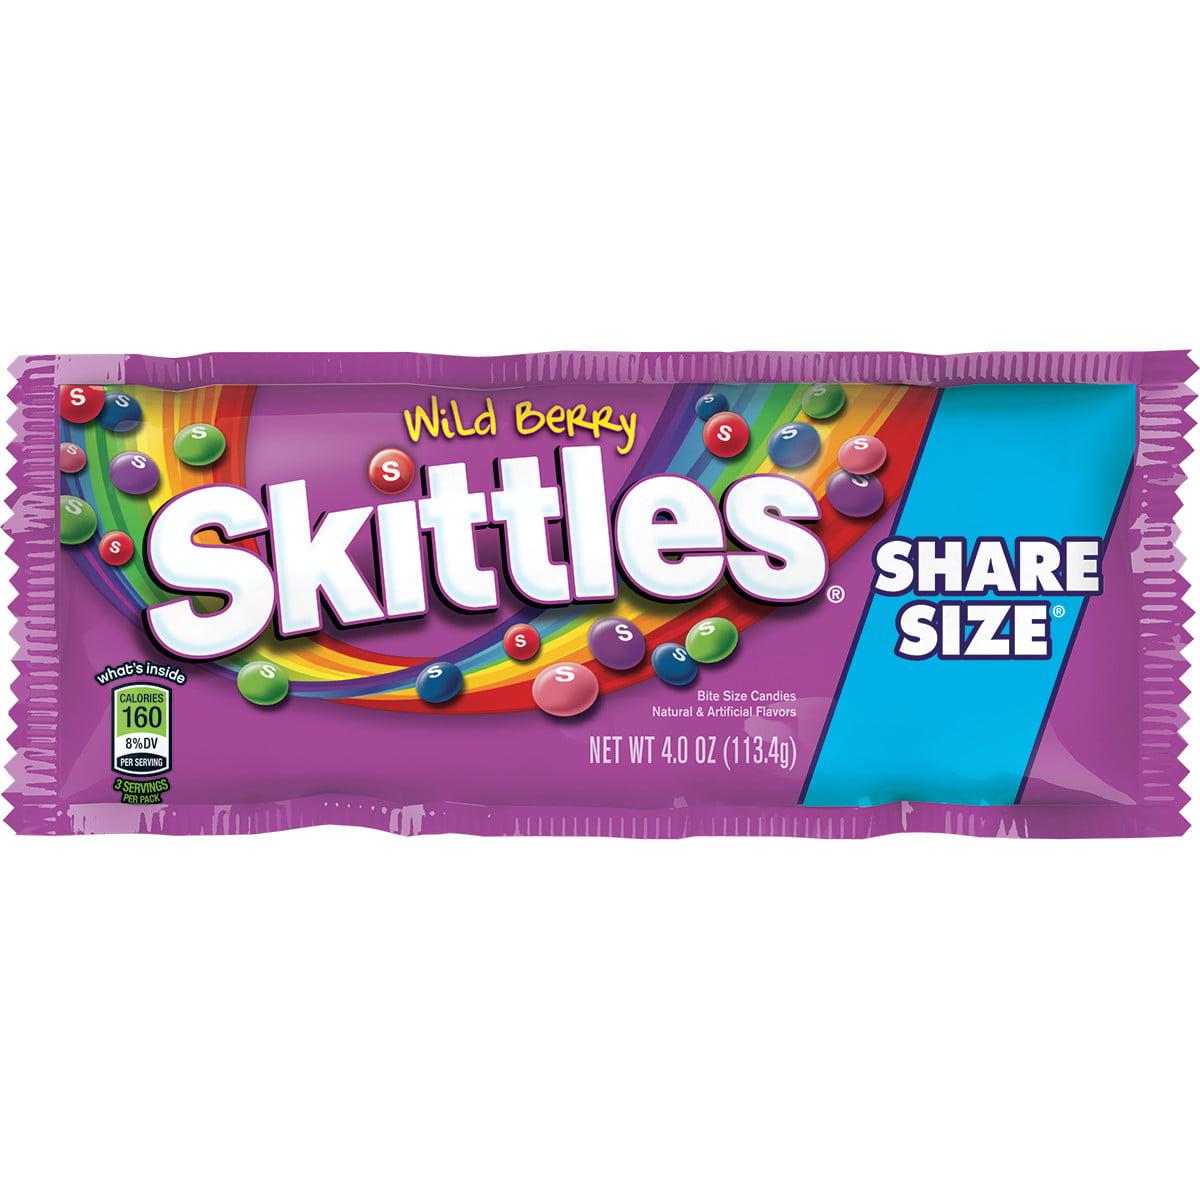 bulk skittles - 5 lb bag - original - walmart